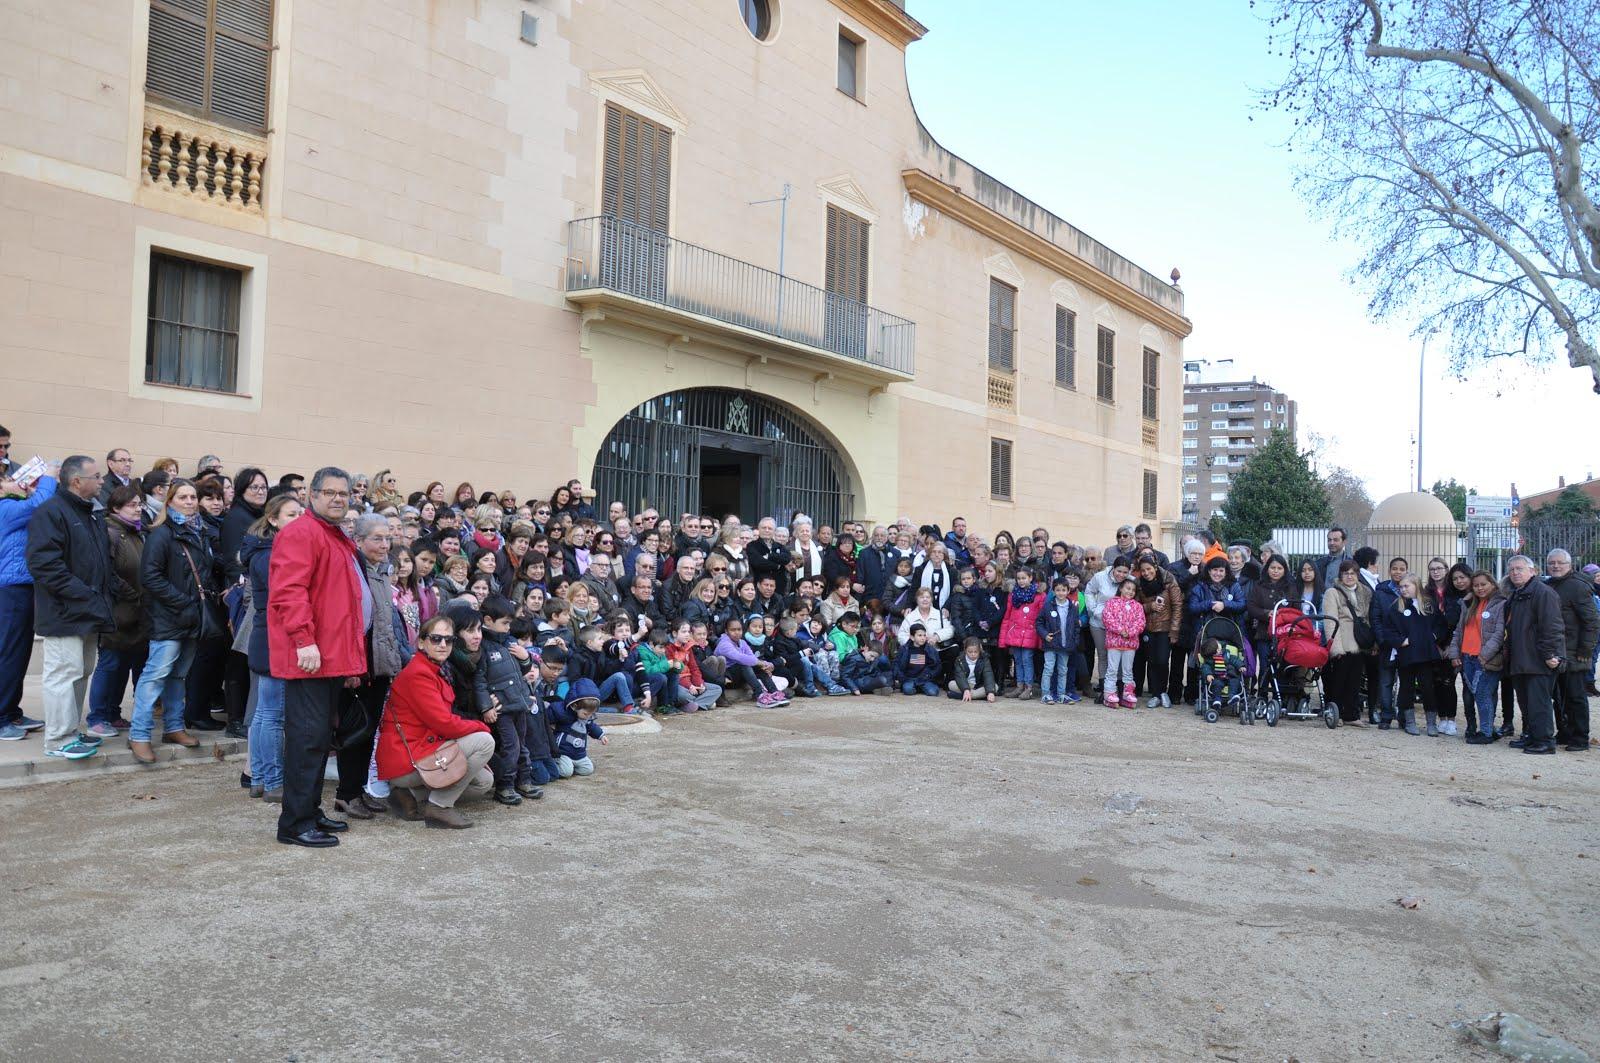 Peregrinació de la parròquia de sant Joan de Reus